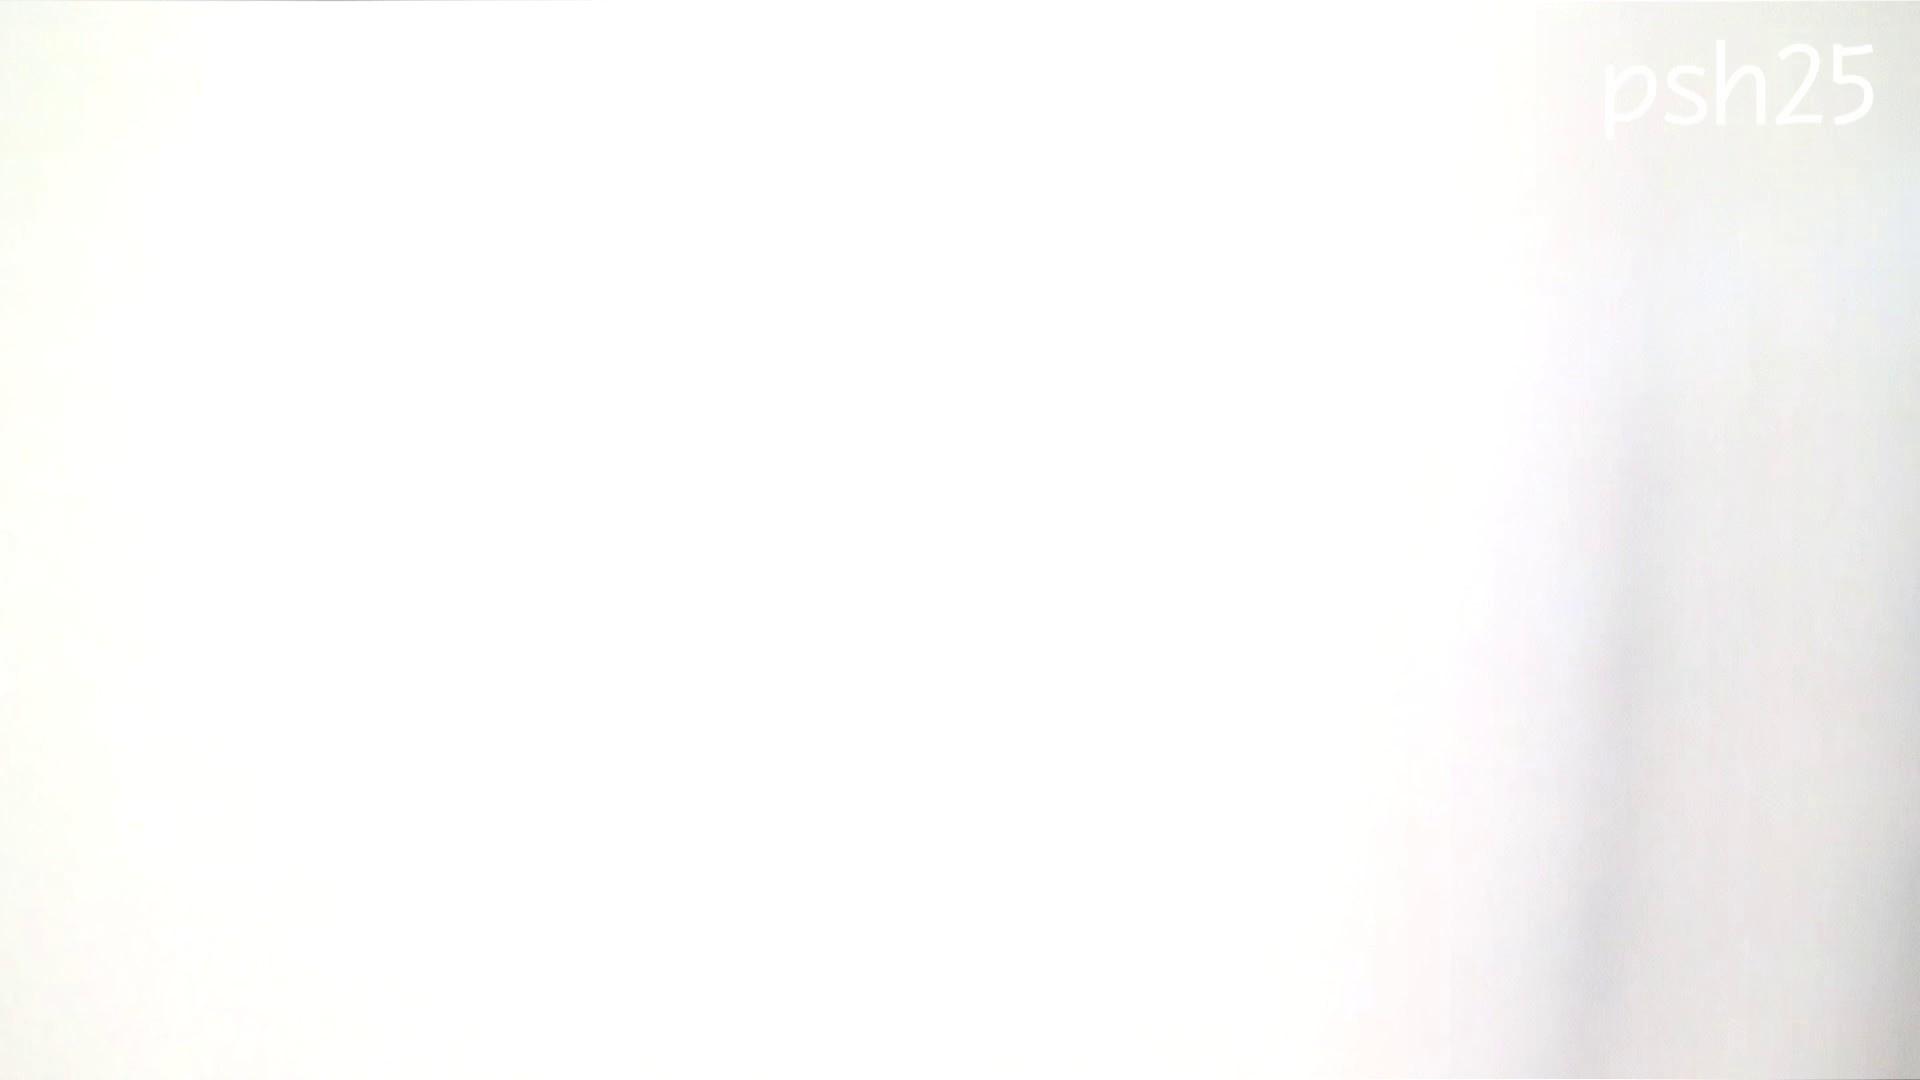 ▲復活限定▲ハイビジョン 盗神伝 Vol.25 女体盗撮 盗撮オマンコ無修正動画無料 71連発 32